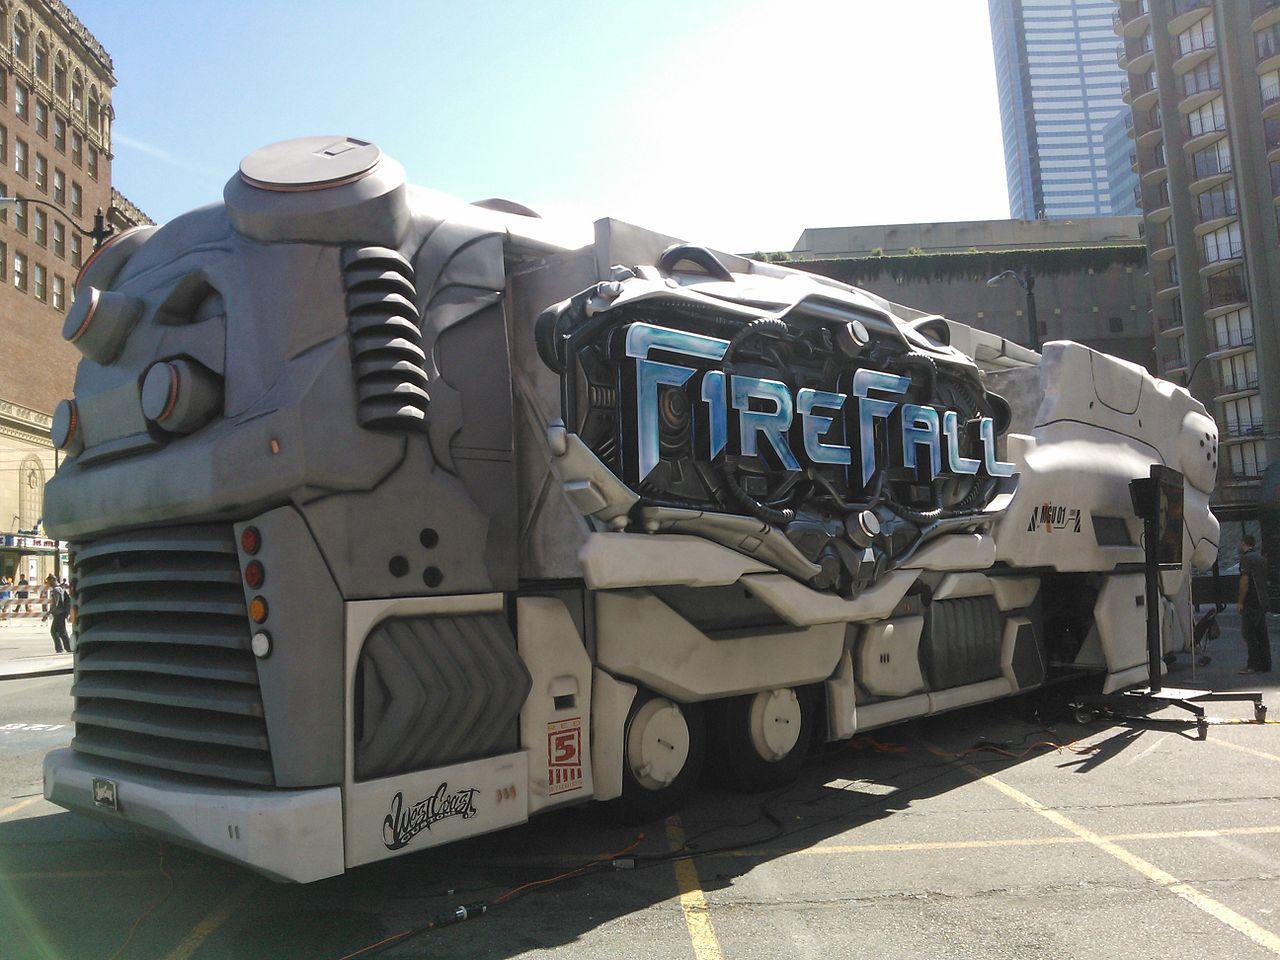 Dépense inconsidérée n° 1 : un bus à 3 millions de dollars. http://cpc.cx/lolbus